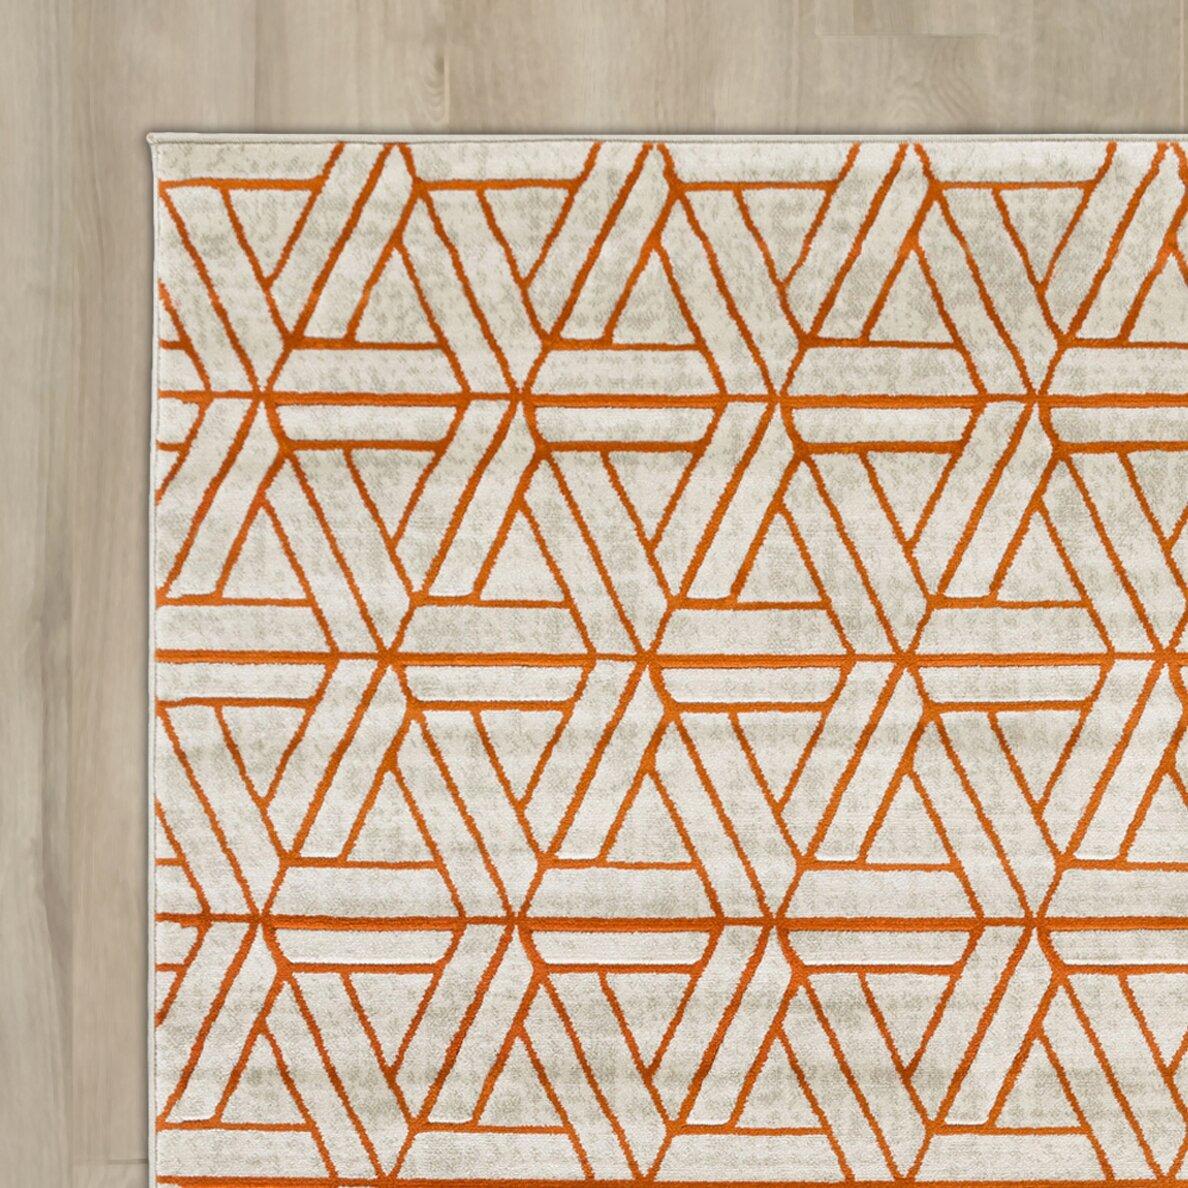 ginsberg light grayburnt orange area rug  reviews  allmodern - langley street ginsberg light grayburnt orange area rug